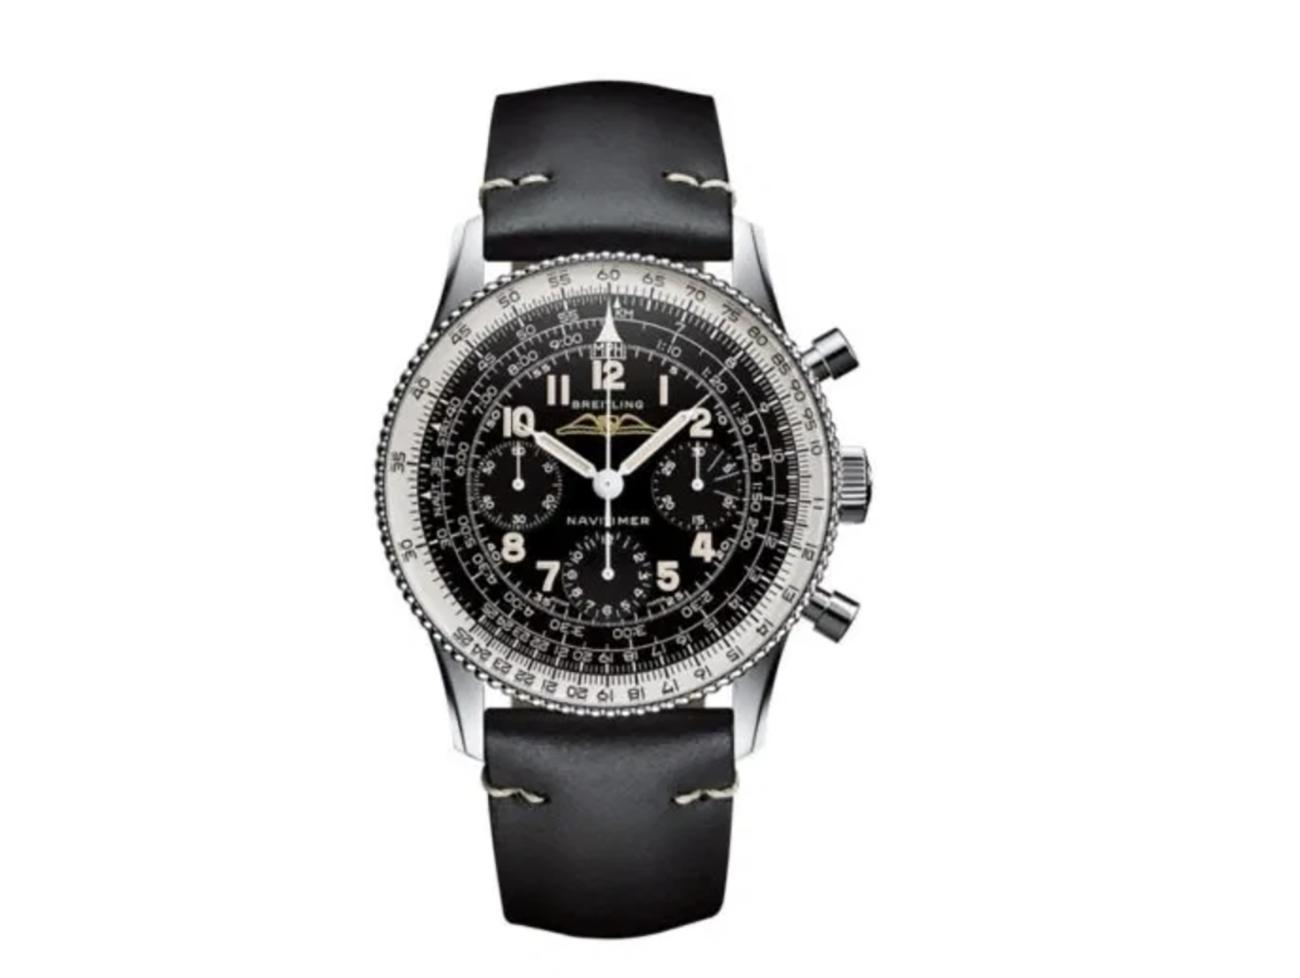 Αυτά είναι τα καλύτερα pilot ρολόγια στον κόσμο